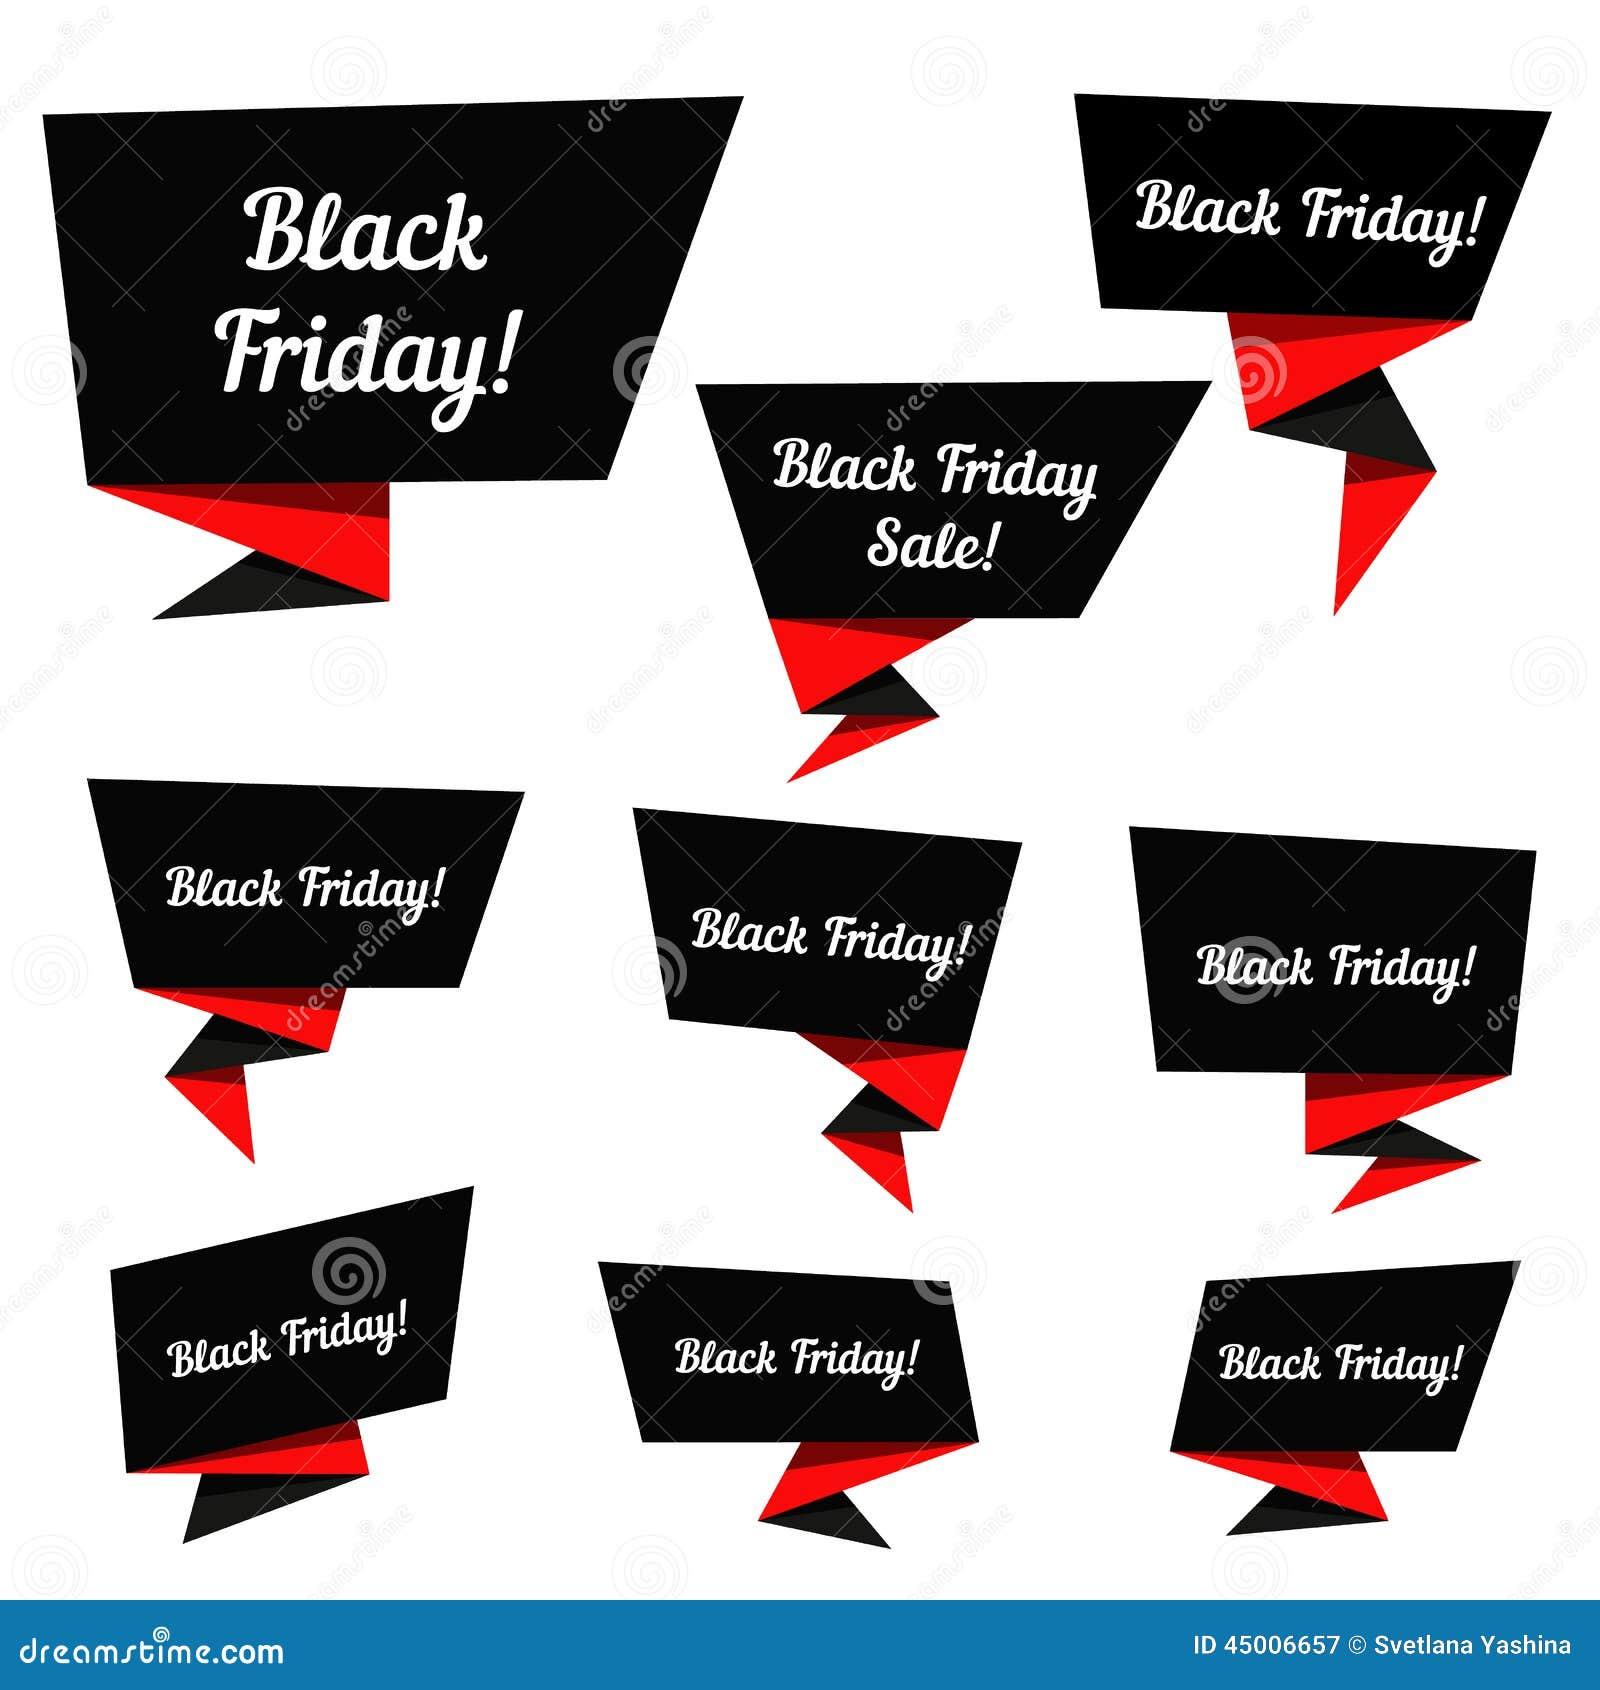 Complete coverage of Kmart Black Friday Ads & Kmart Black Friday deals info.